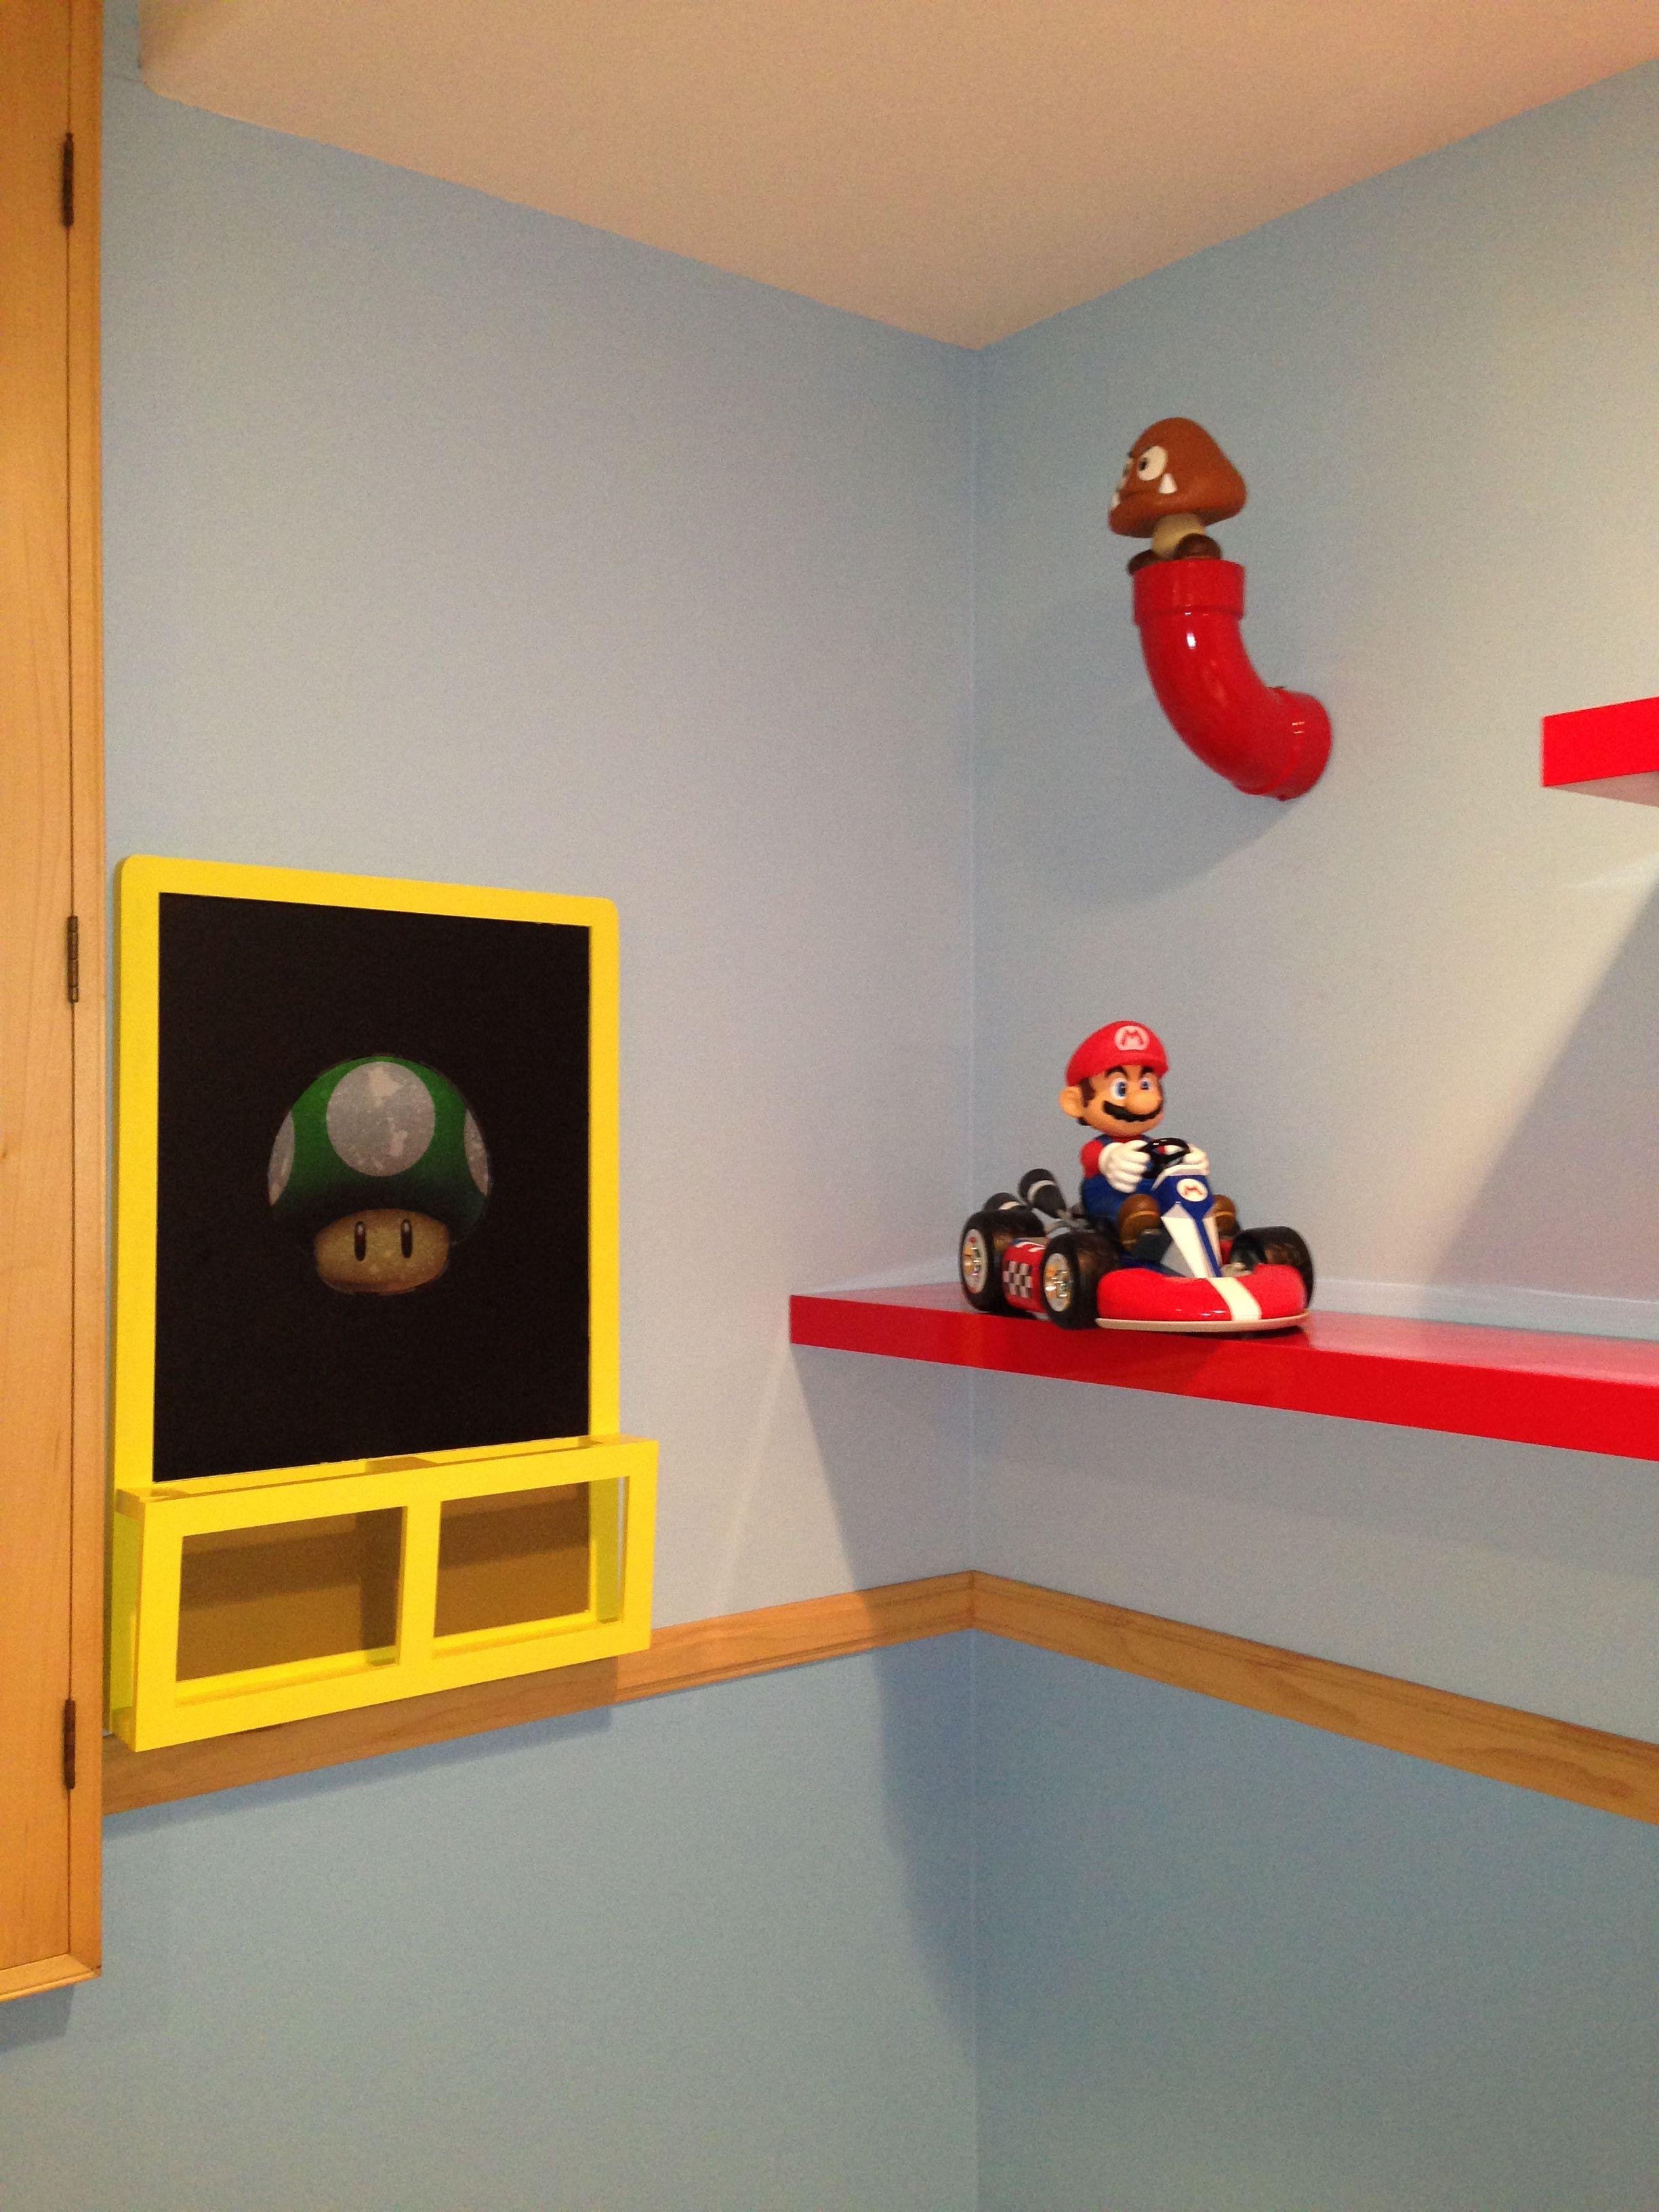 Mario Bedroom Decor